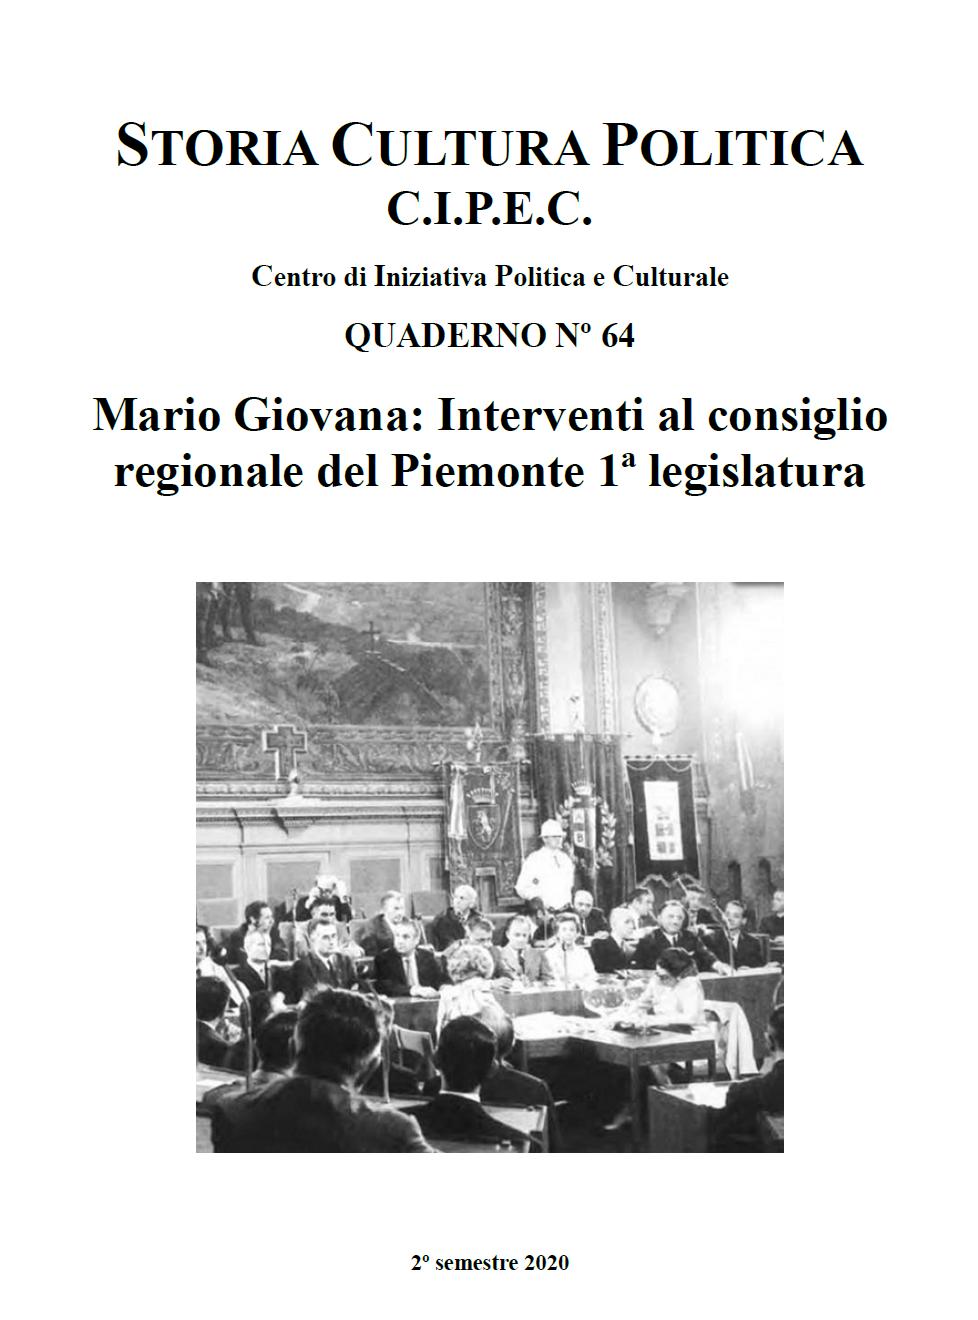 Quaderno N. 64 copertina CIPEC